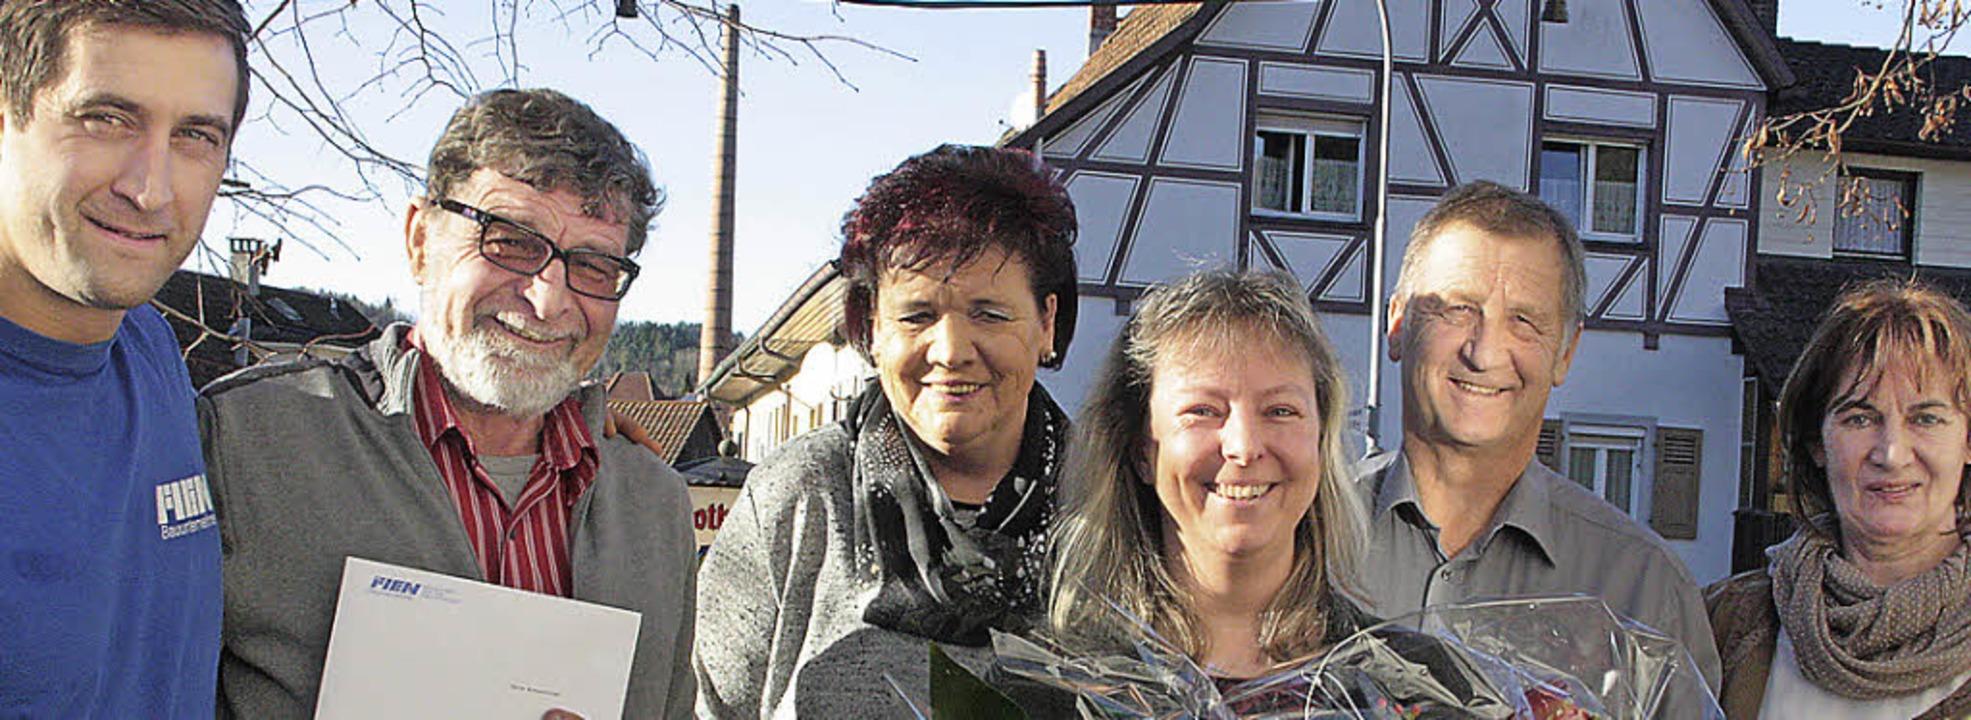 Jürgen Fien, Karle Winterhalter (verab... erfolgreiches Jahr 2014 hinter sich.     Foto: Kerckhoff